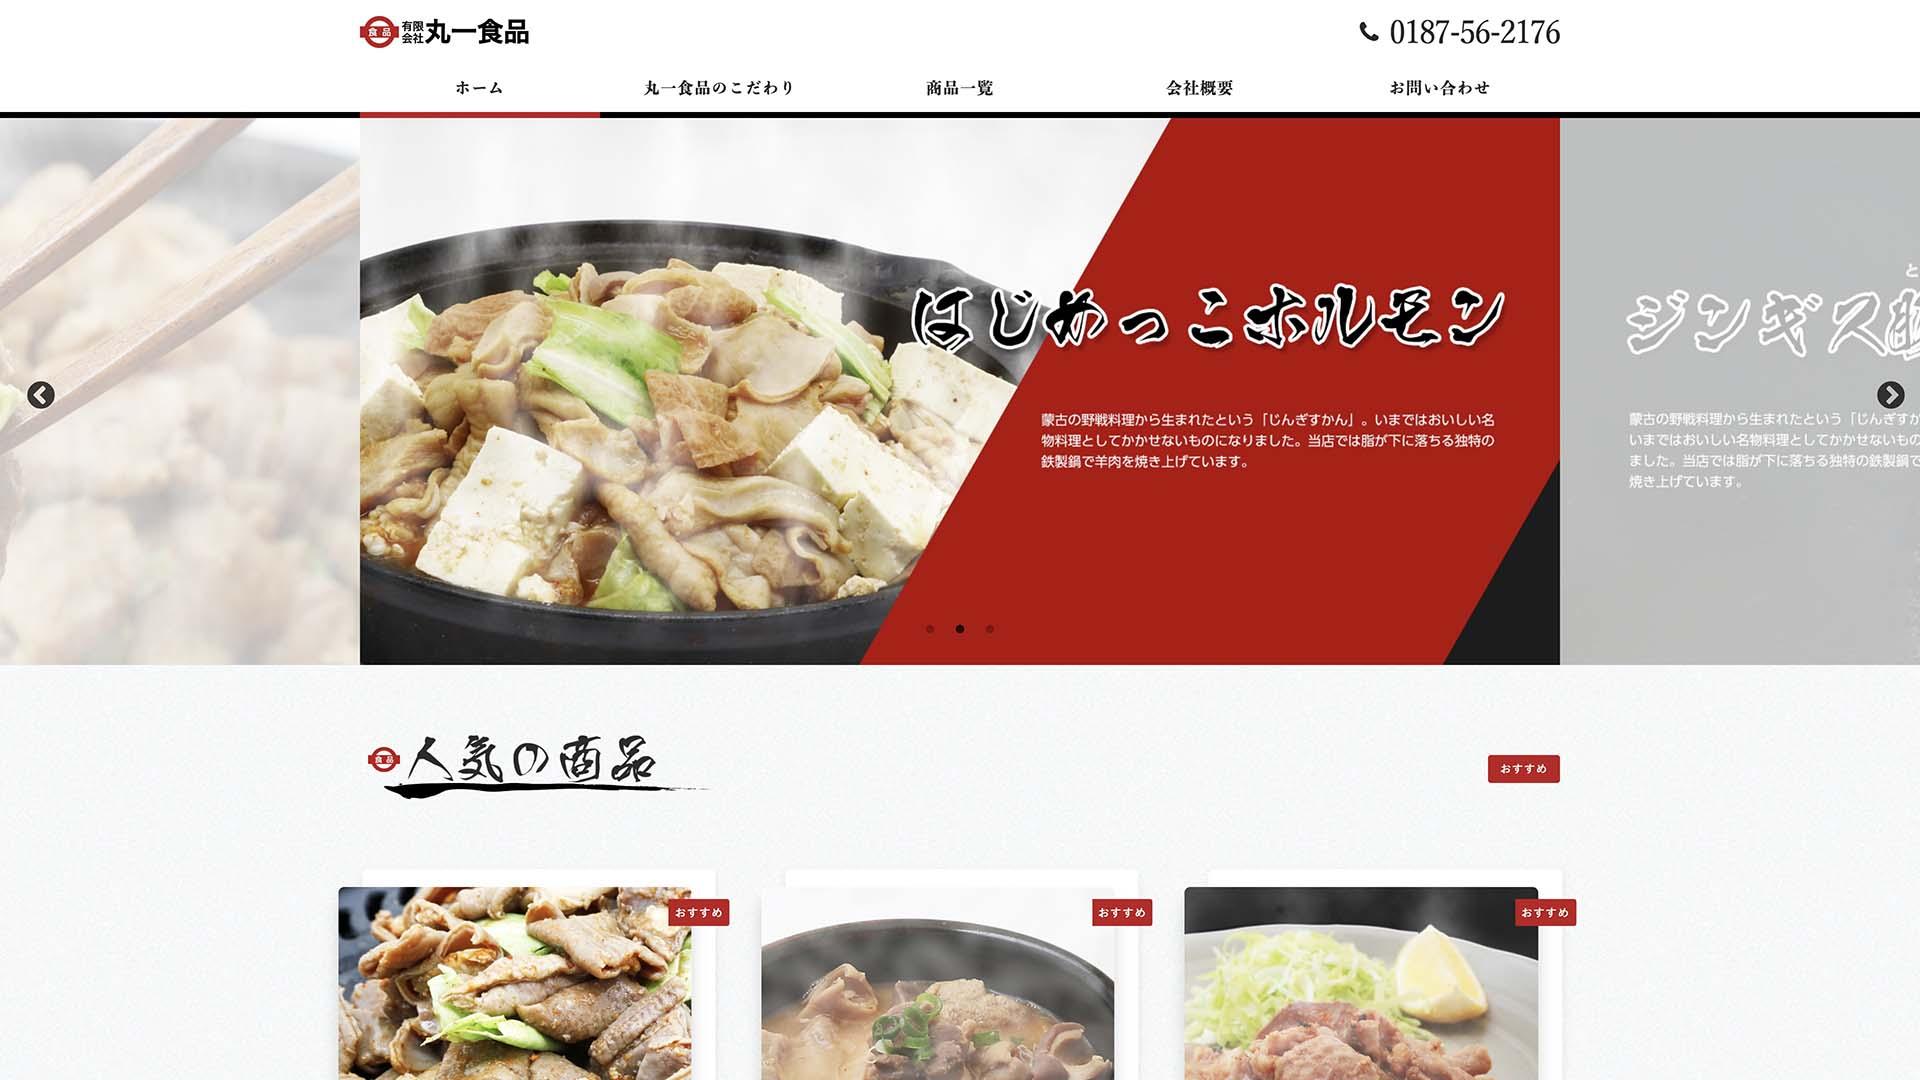 丸一食品様のサイトイメージ